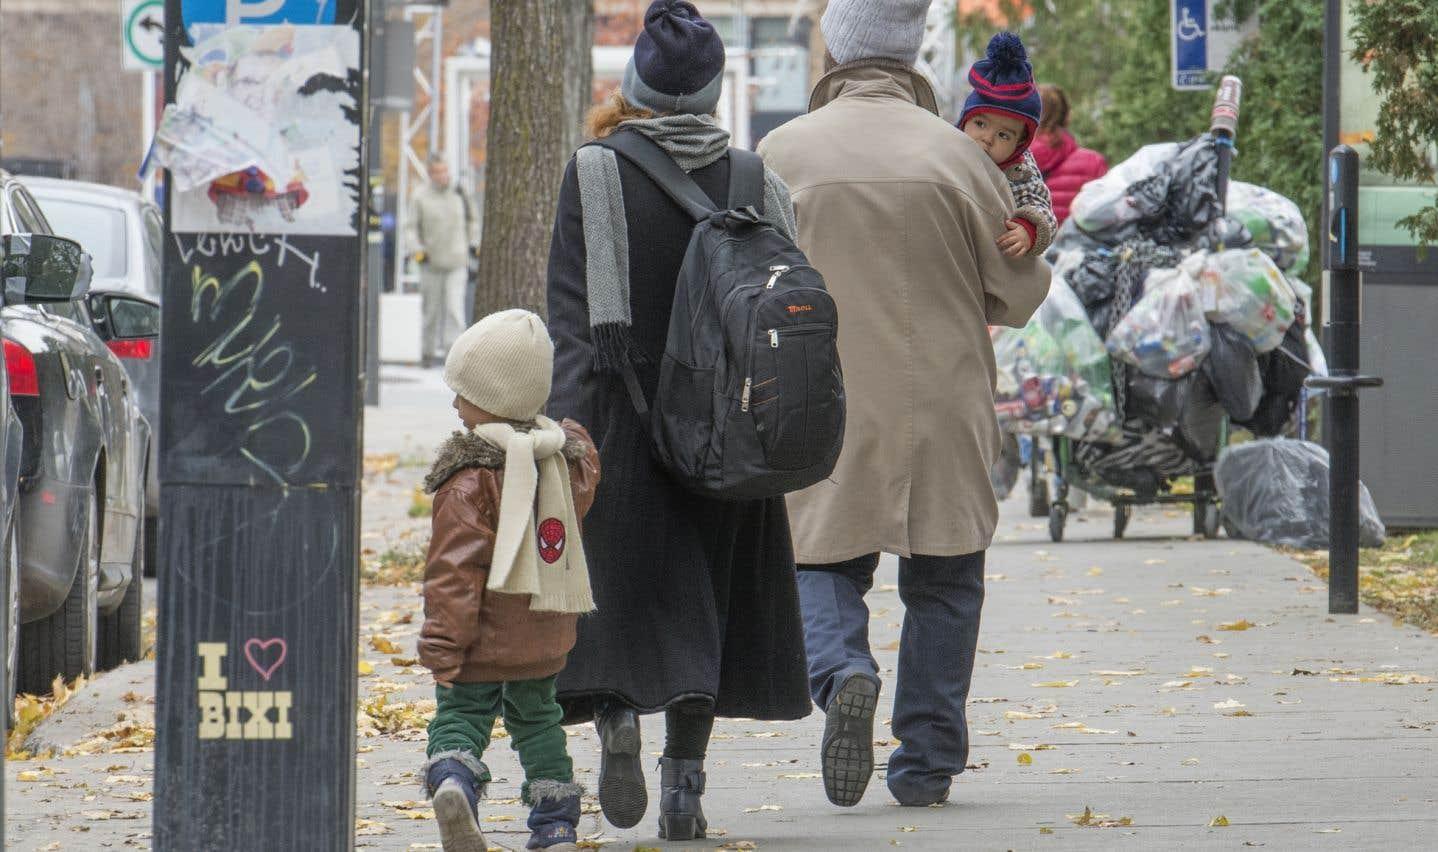 Les enfants adoptés ont droit à 18 semaines de présence parentale en moins parce que leur mère n'a pas accouché. Il s'agit d'une différence énorme pour leur développement physique, mental et affectif, souligne l'auteure.